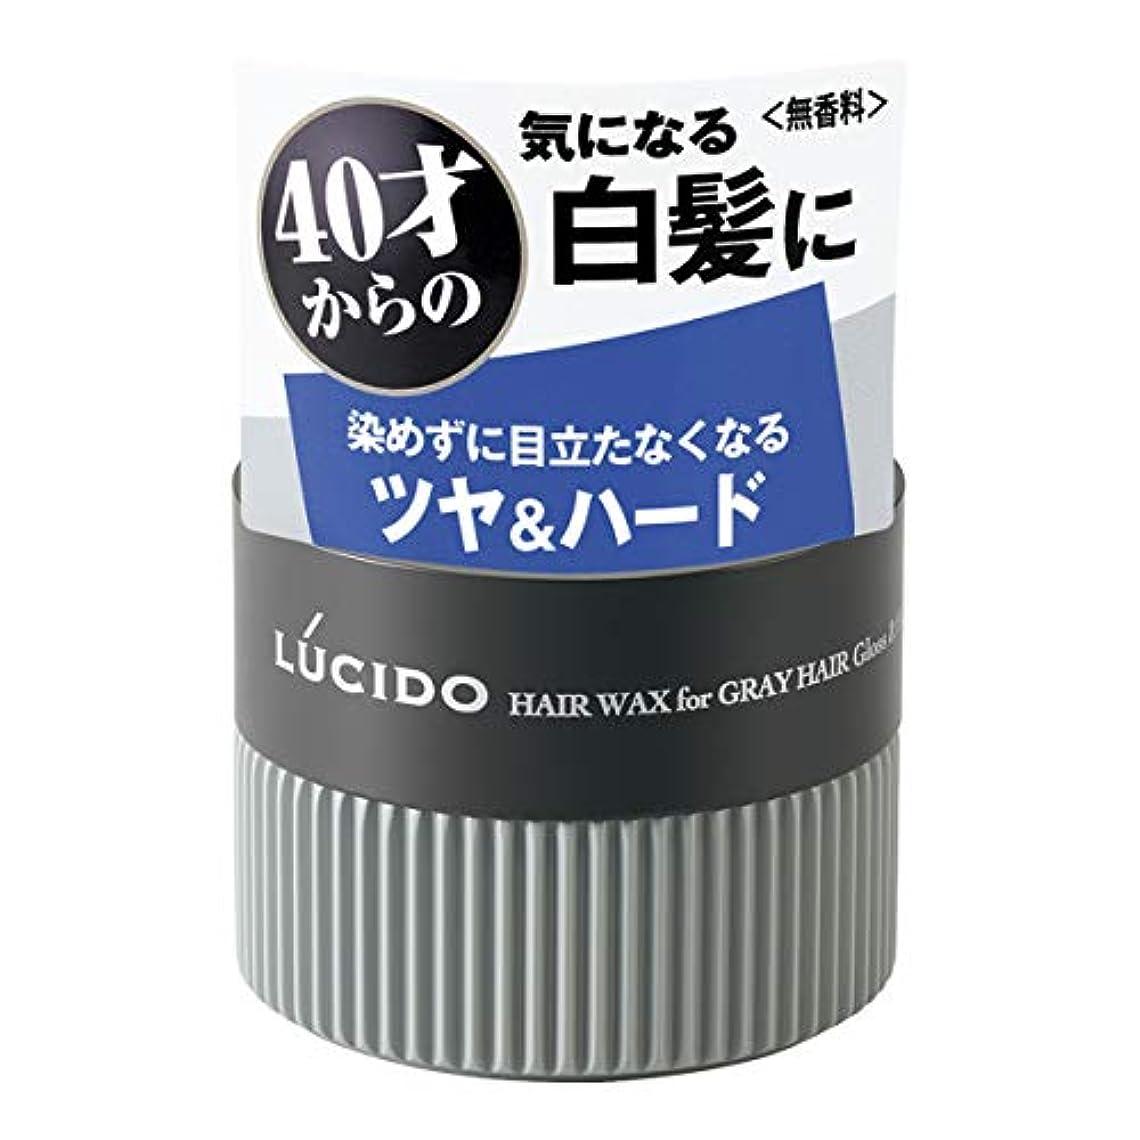 定期的なベジタリアン排泄物LUCIDO(ルシード) ヘアワックス 白髪用ワックス グロス&ハード 80g